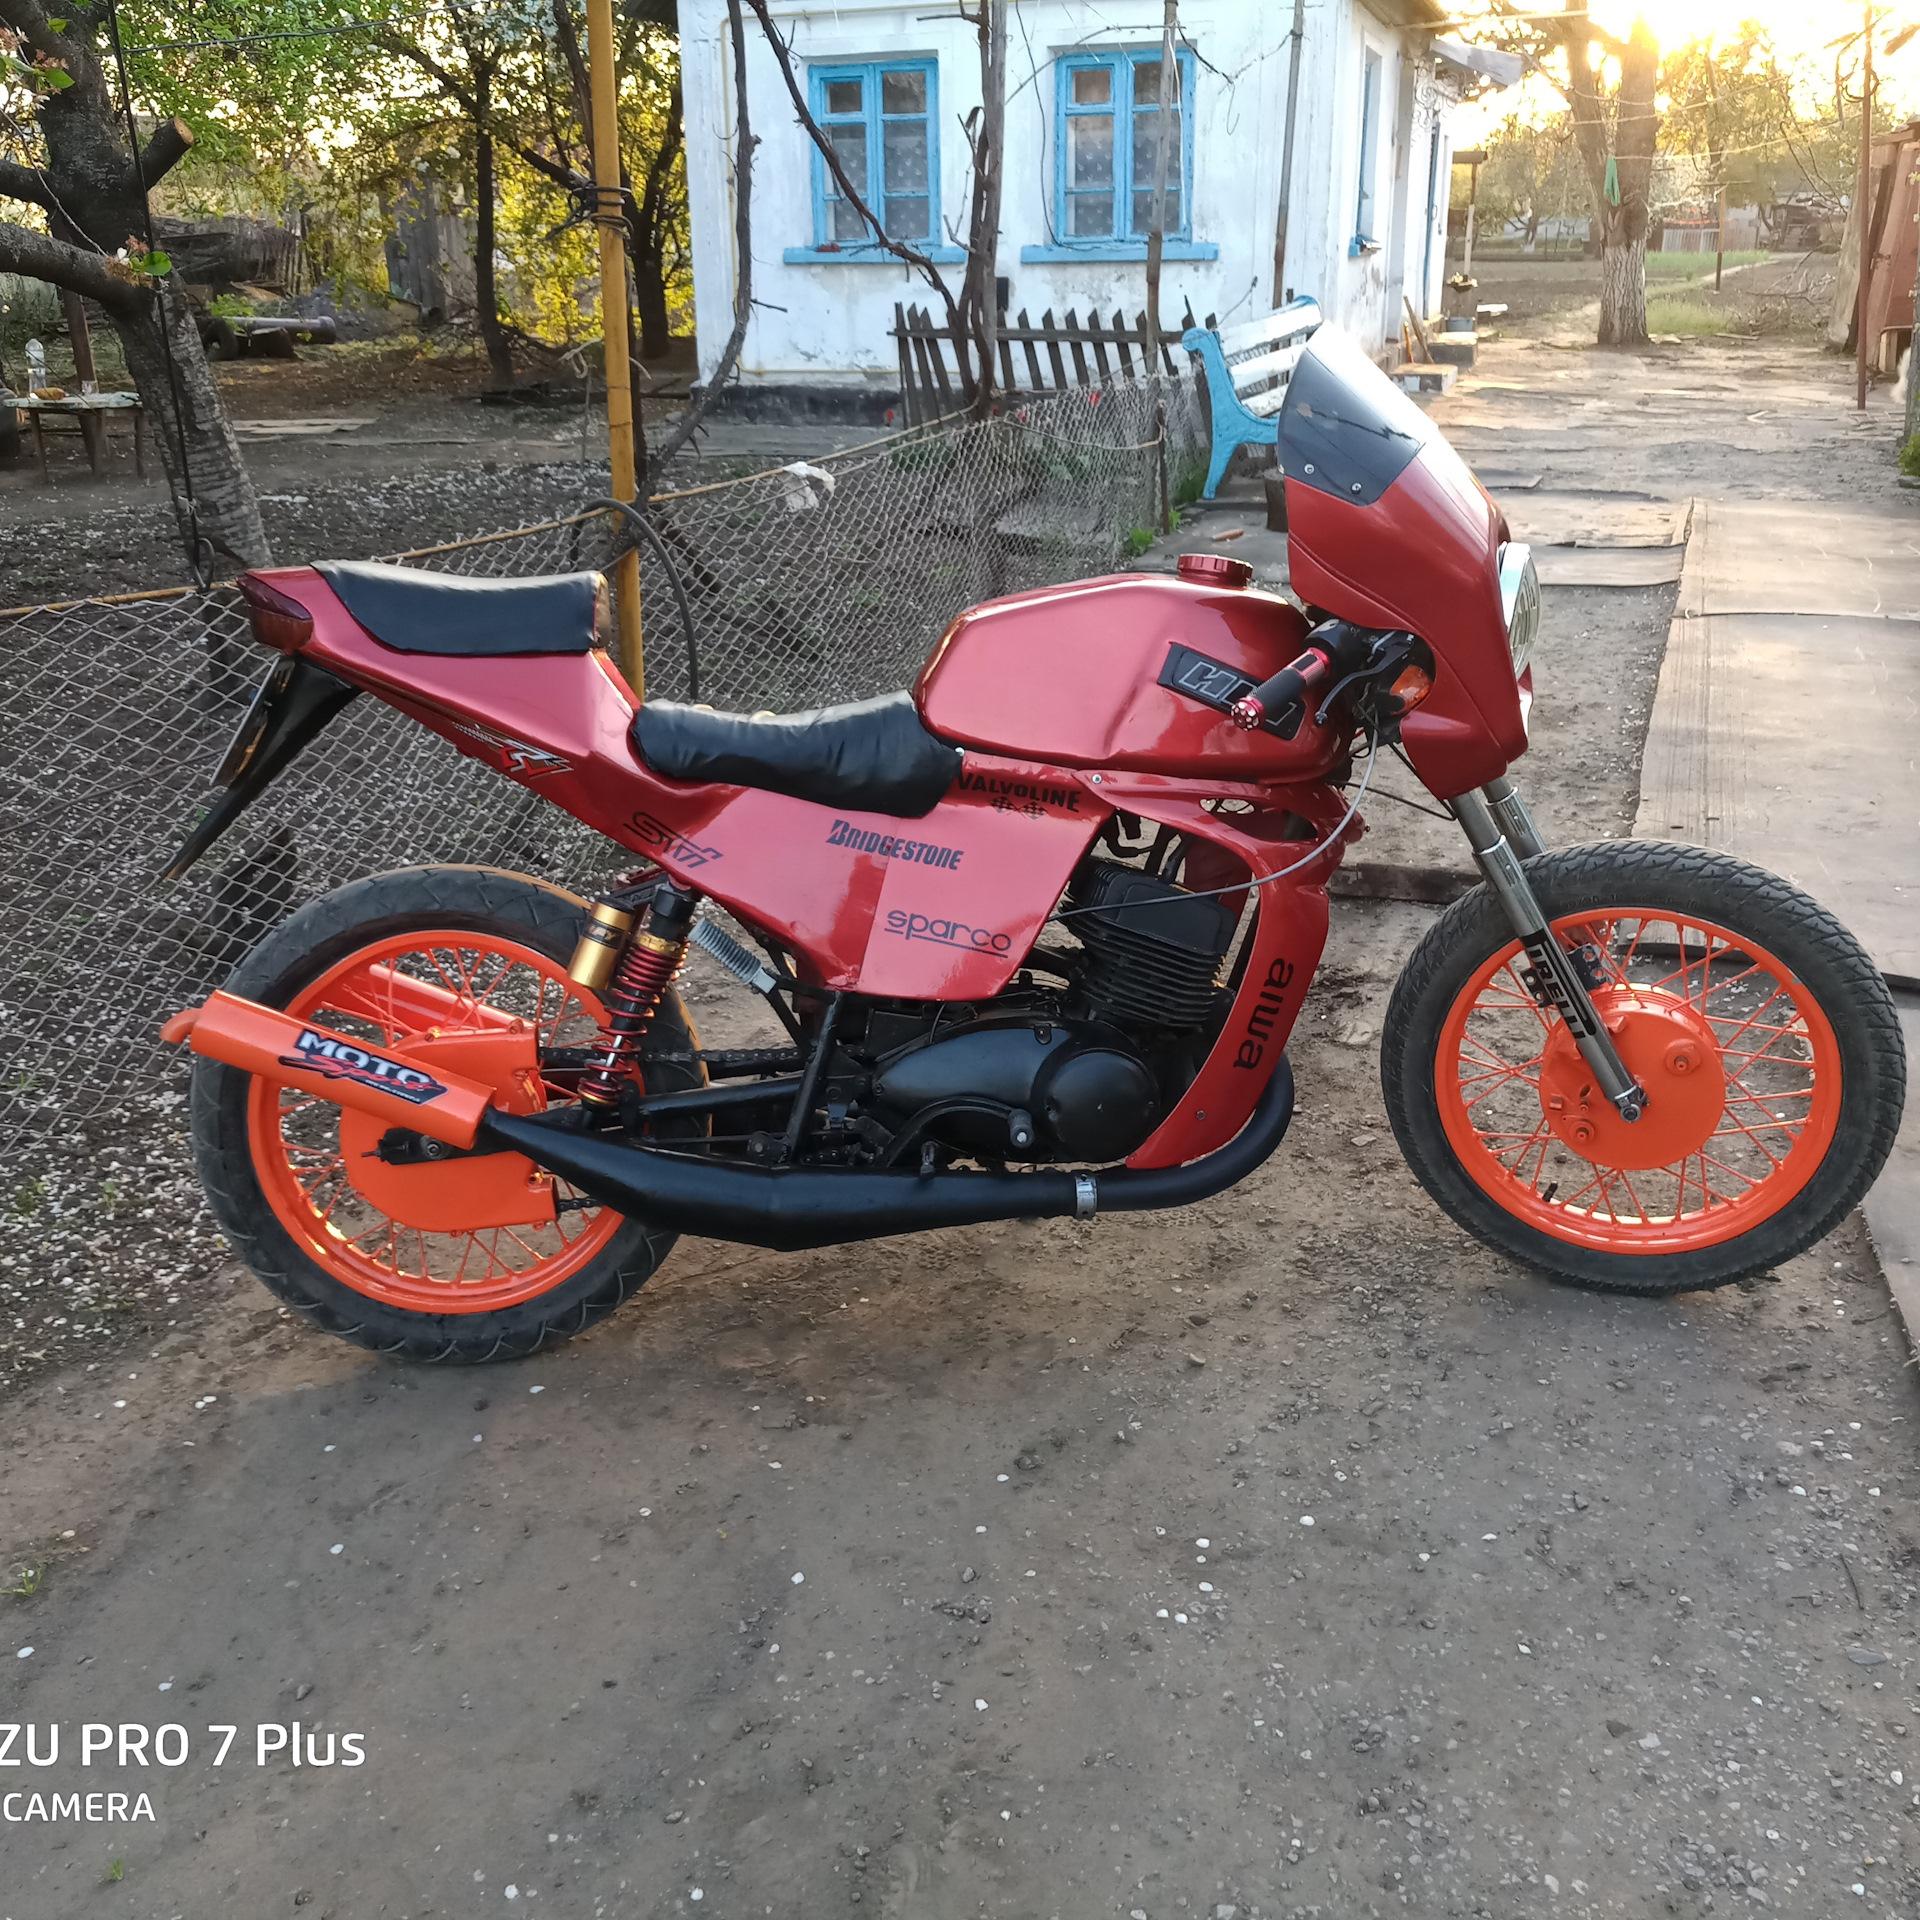 Картинки тюнинг мотоциклов иж юпитер